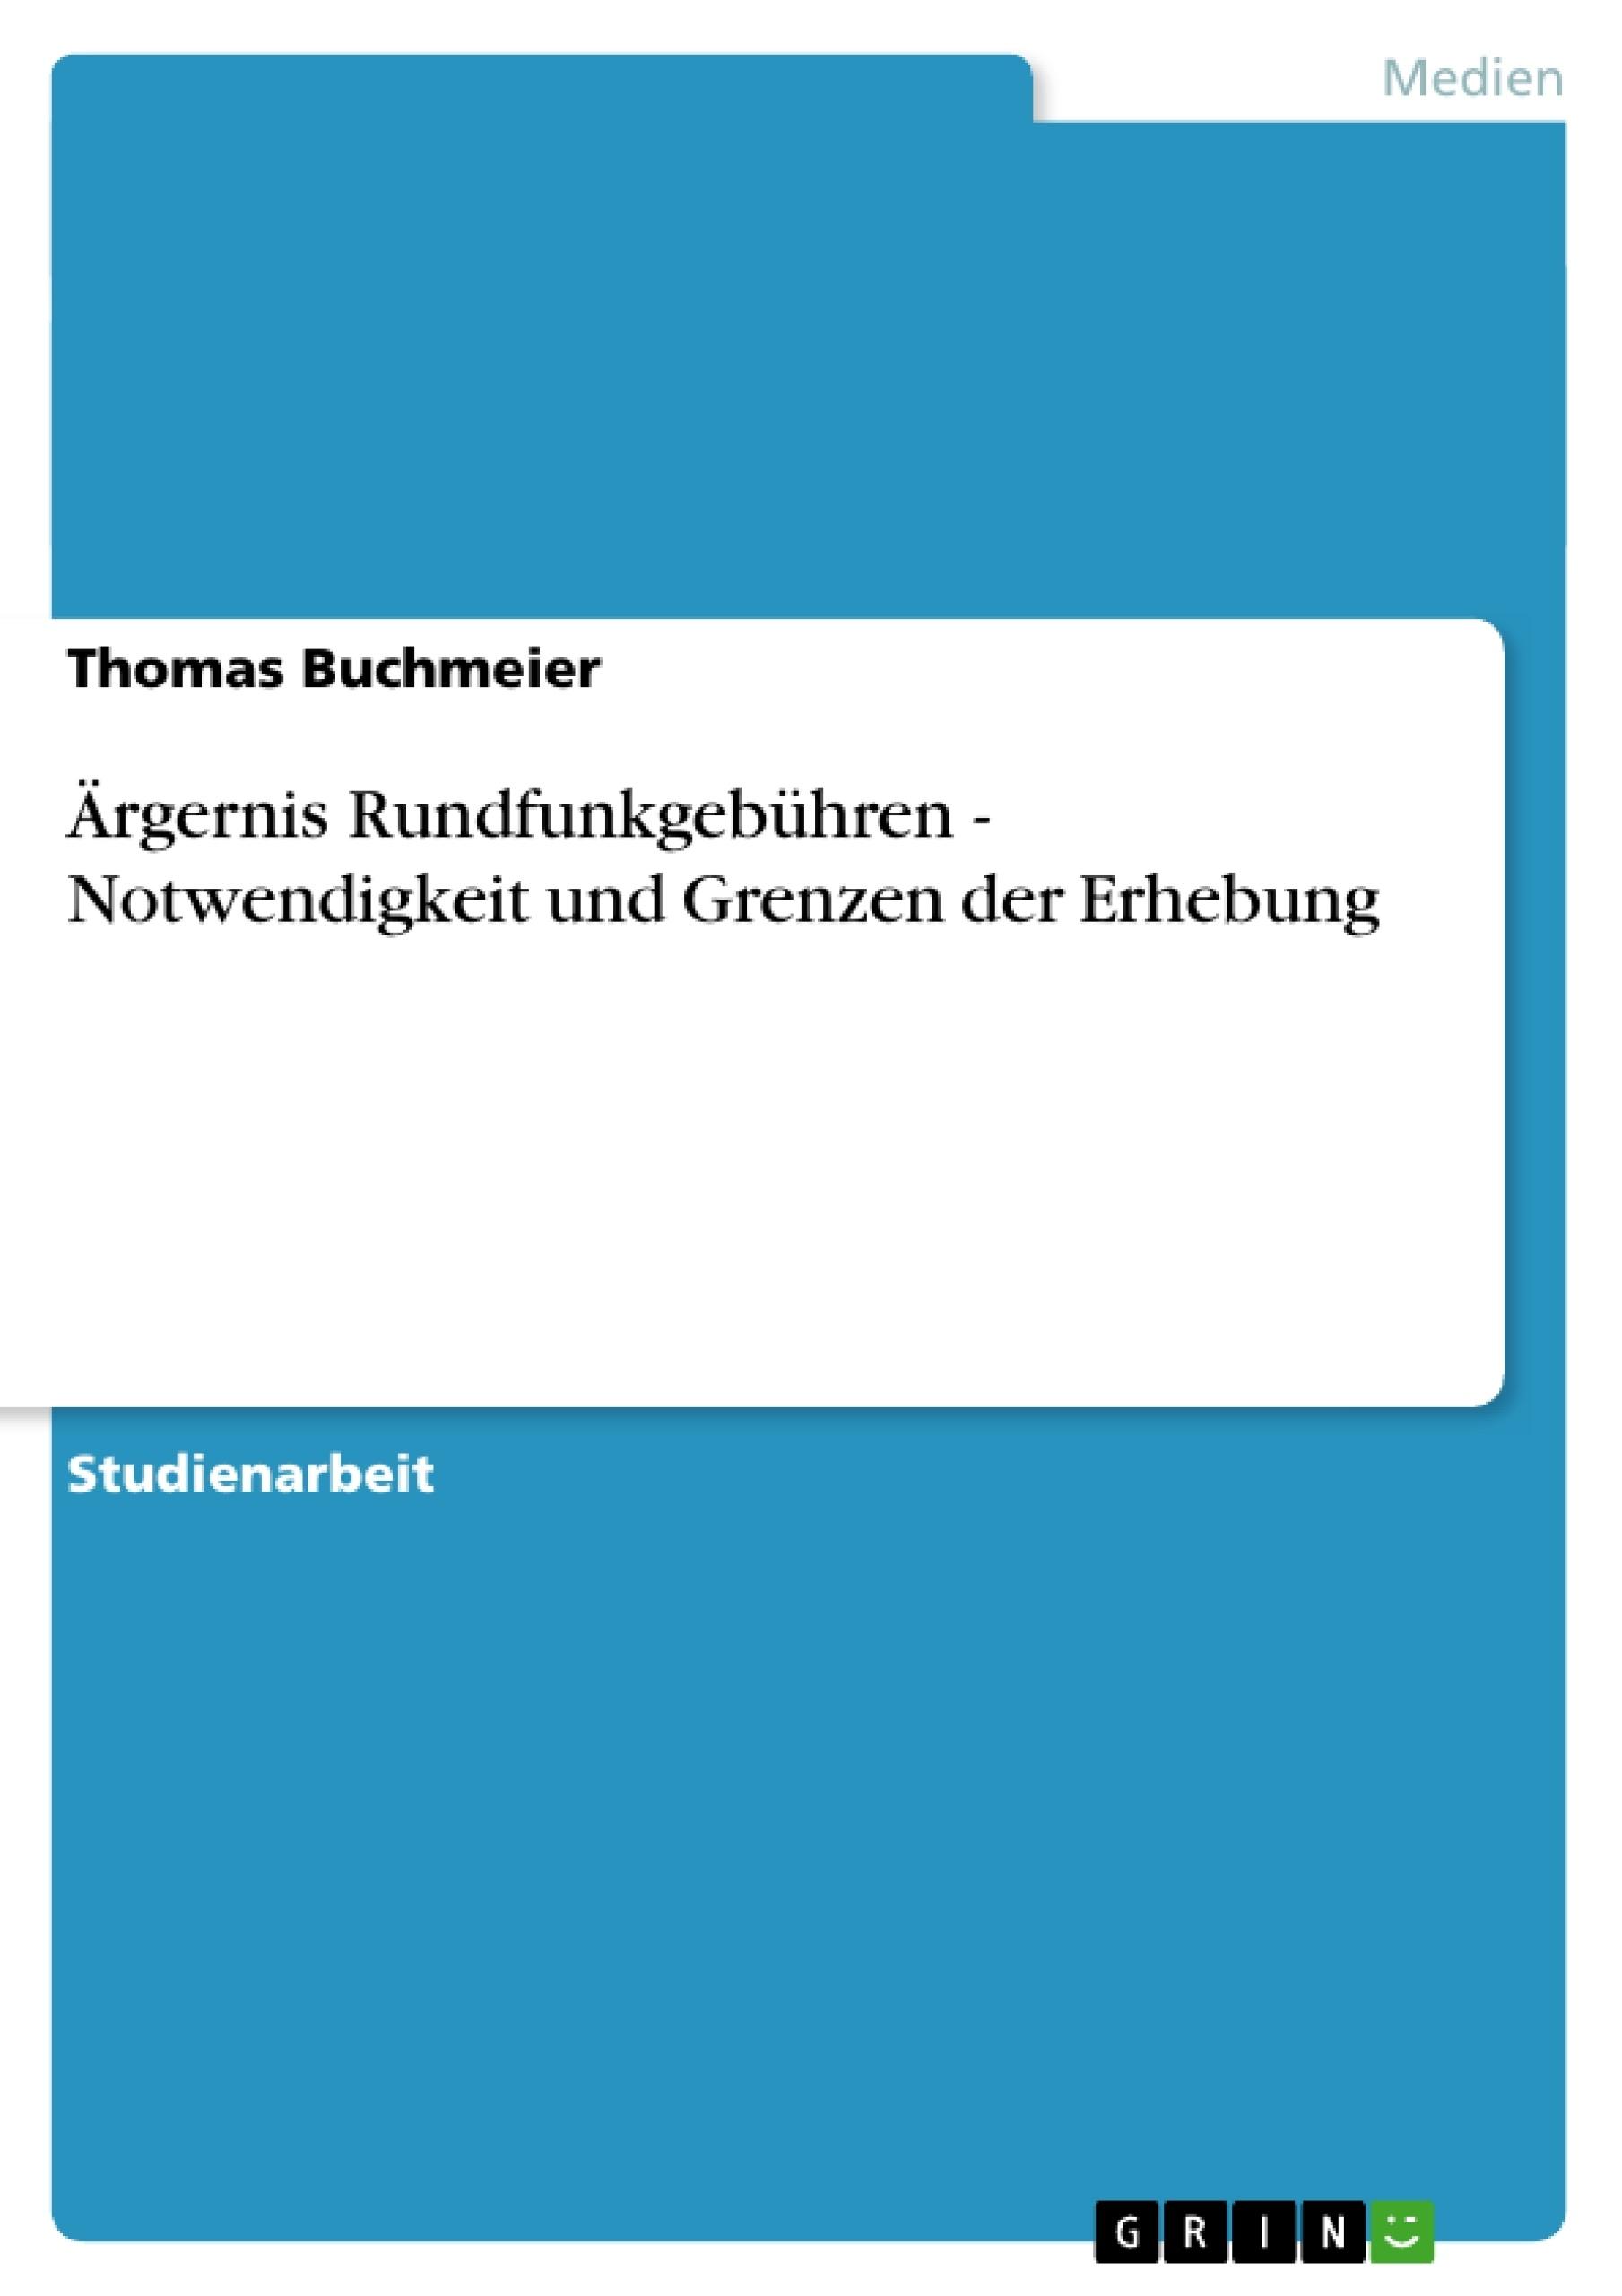 Titel: Ärgernis Rundfunkgebühren - Notwendigkeit und Grenzen der Erhebung